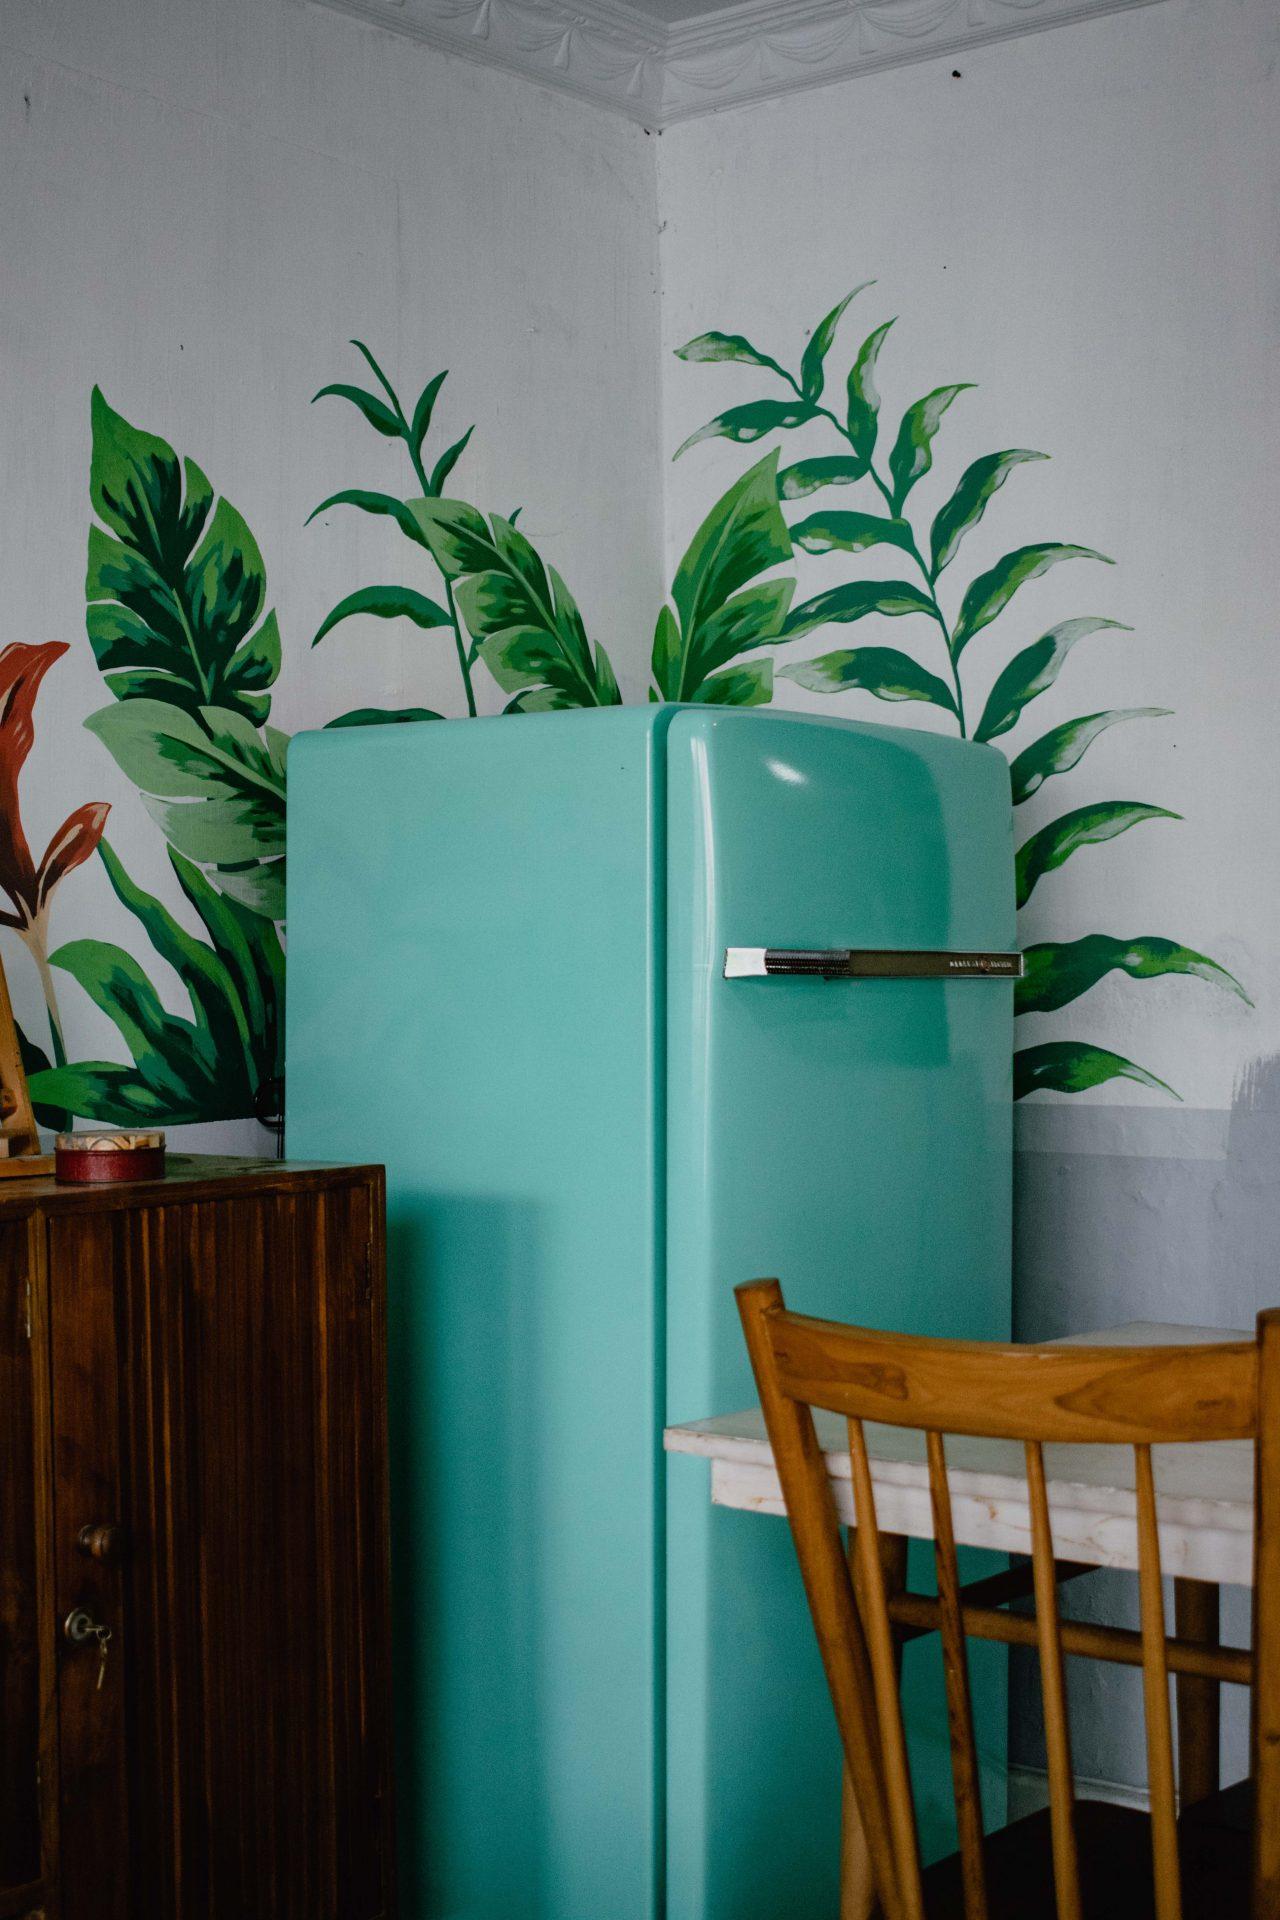 冷蔵庫、冷蔵庫マット、引越し